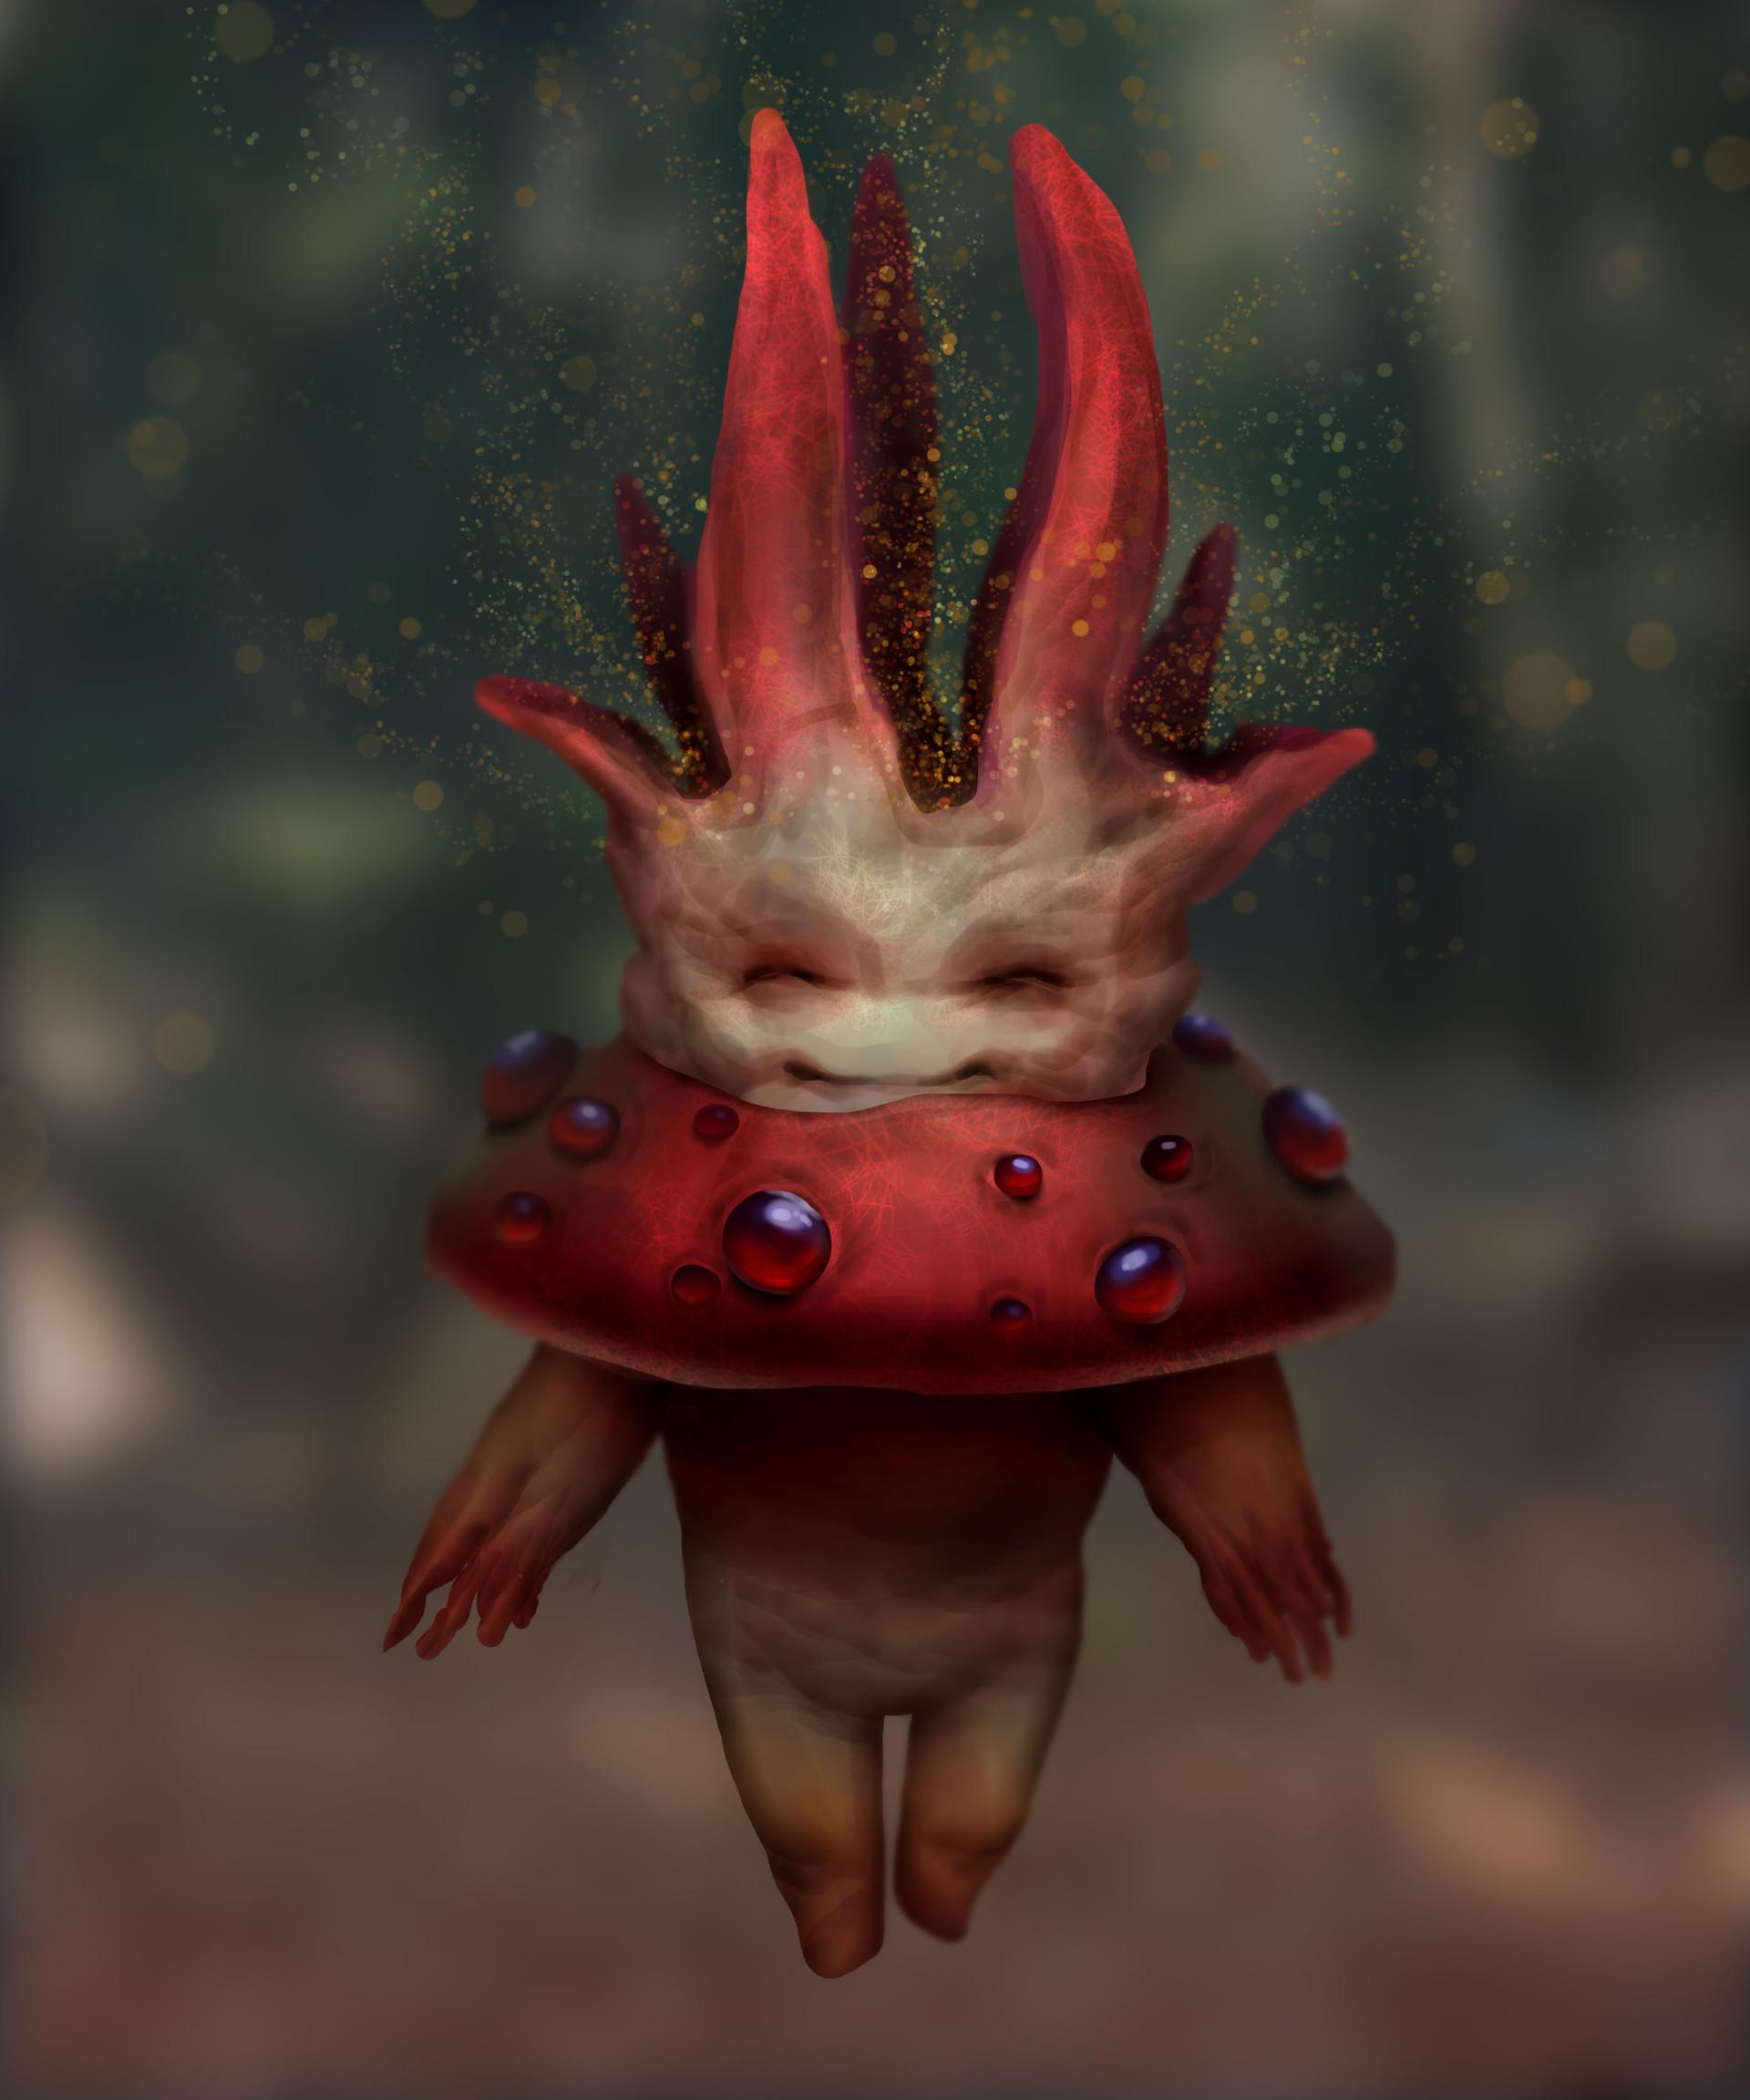 madeline-buanno-mushroom-man.jpg